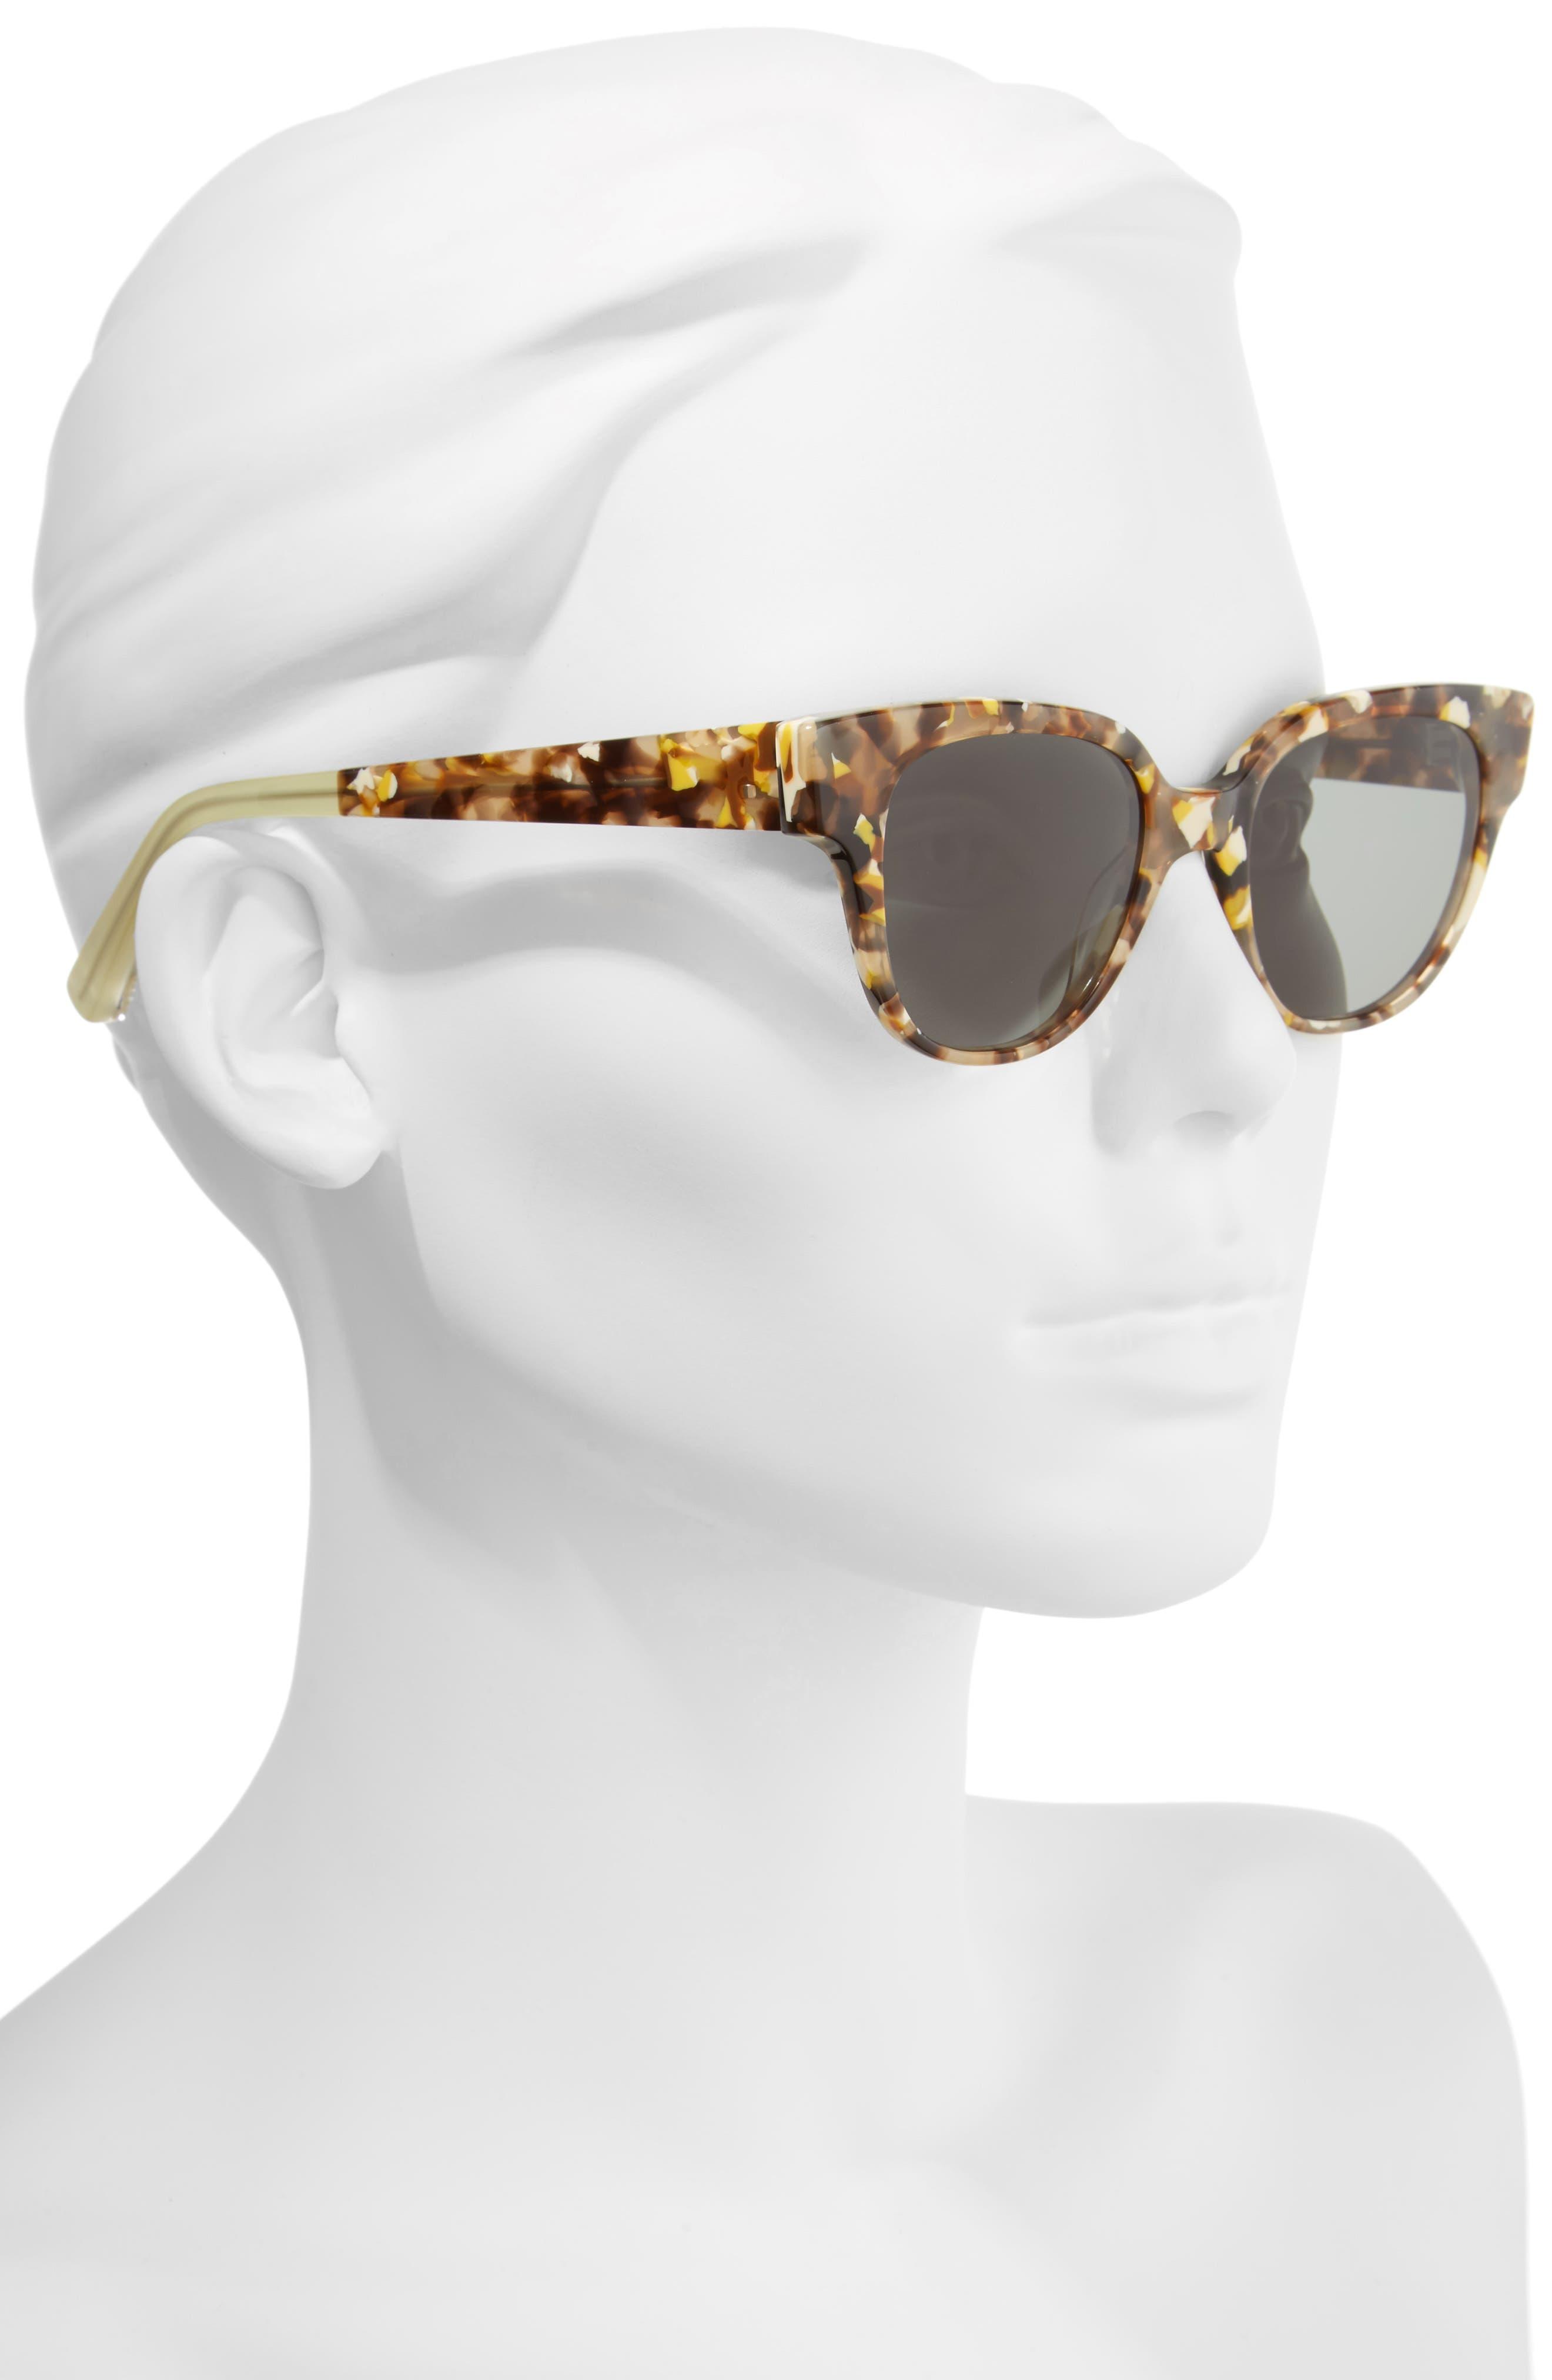 Avory 49mm Cat Eye Sunglasses,                             Alternate thumbnail 4, color,